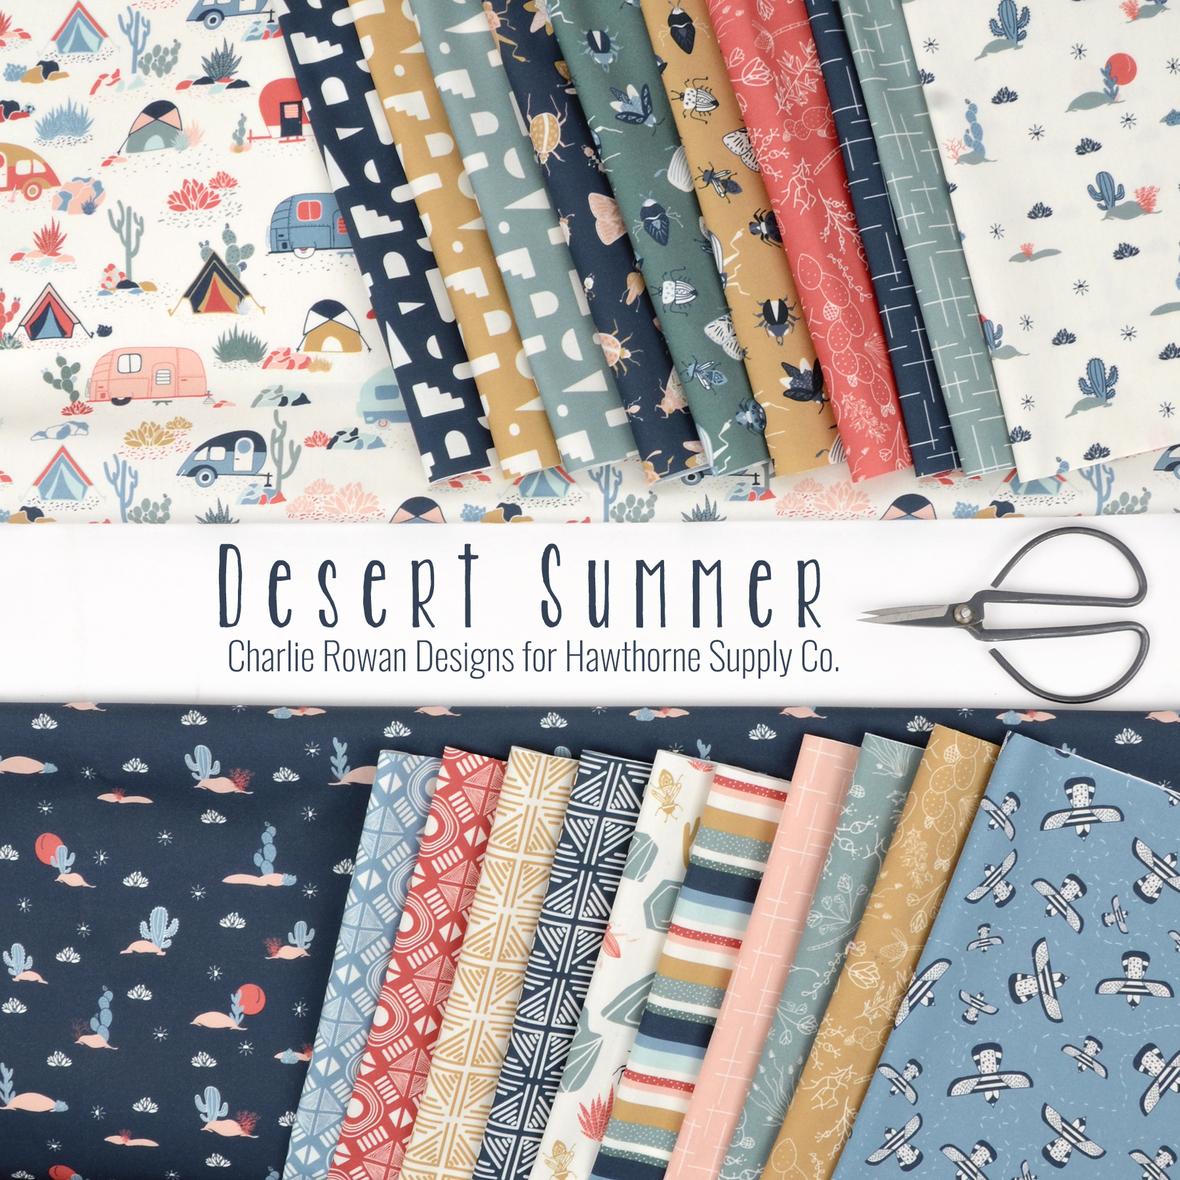 Desert Summer Charlie Rowan Designs for Hawthorne Supply Co